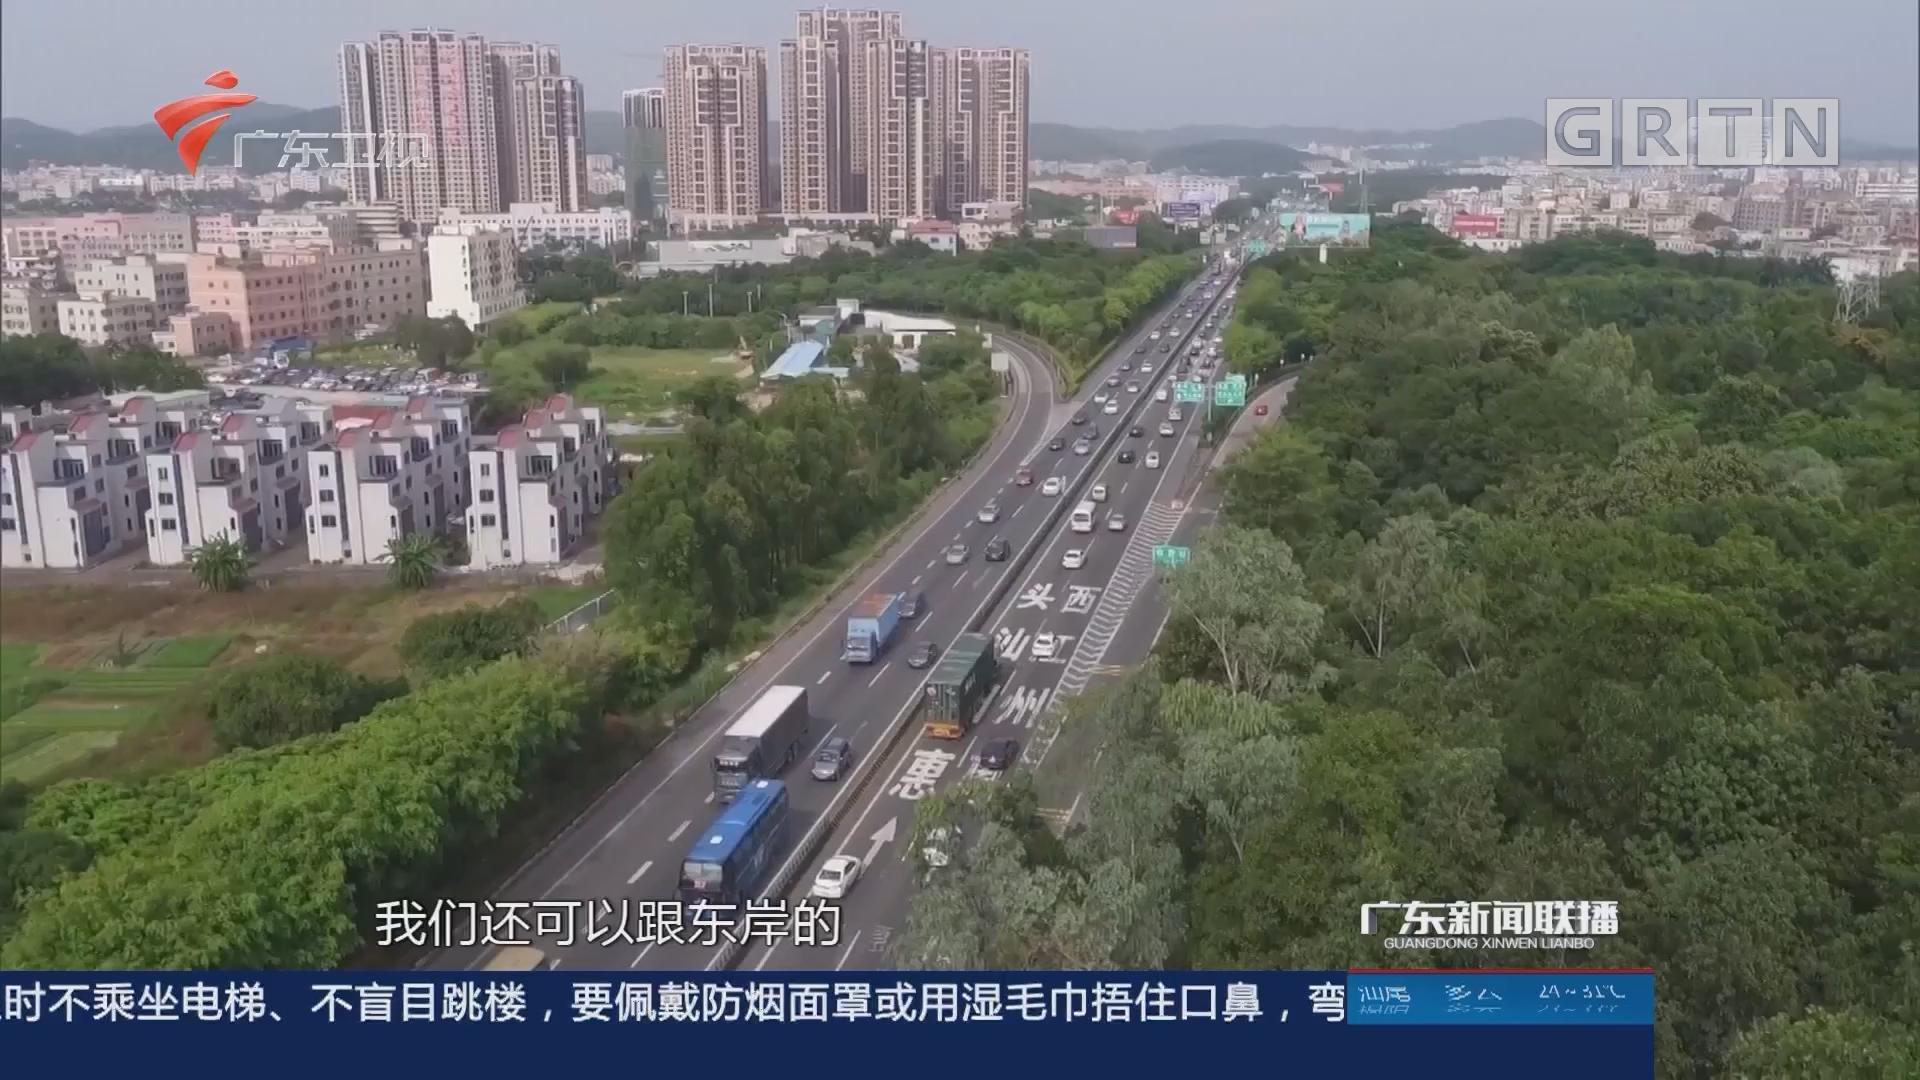 大广州1号公路列入规划 将构建大湾区路网骨架